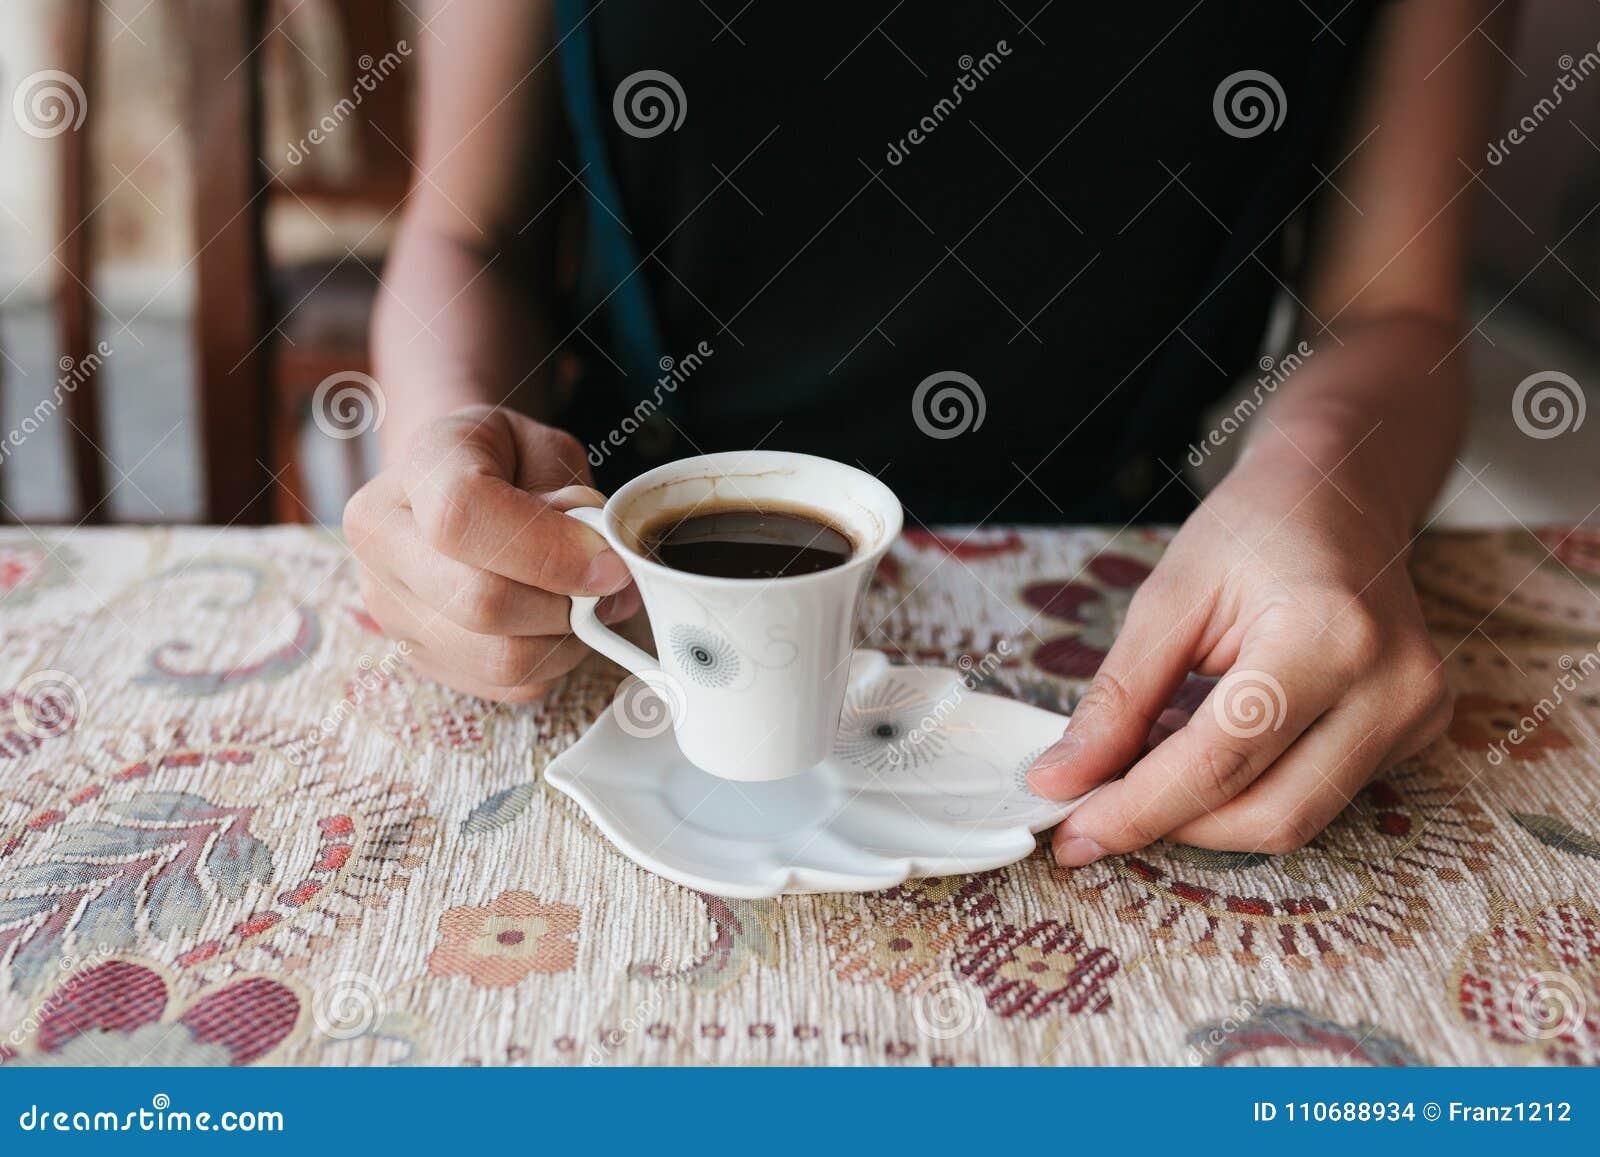 La ragazza tiene una tazza di caffè turco tradizionale aromatico naturale in un caffè della via